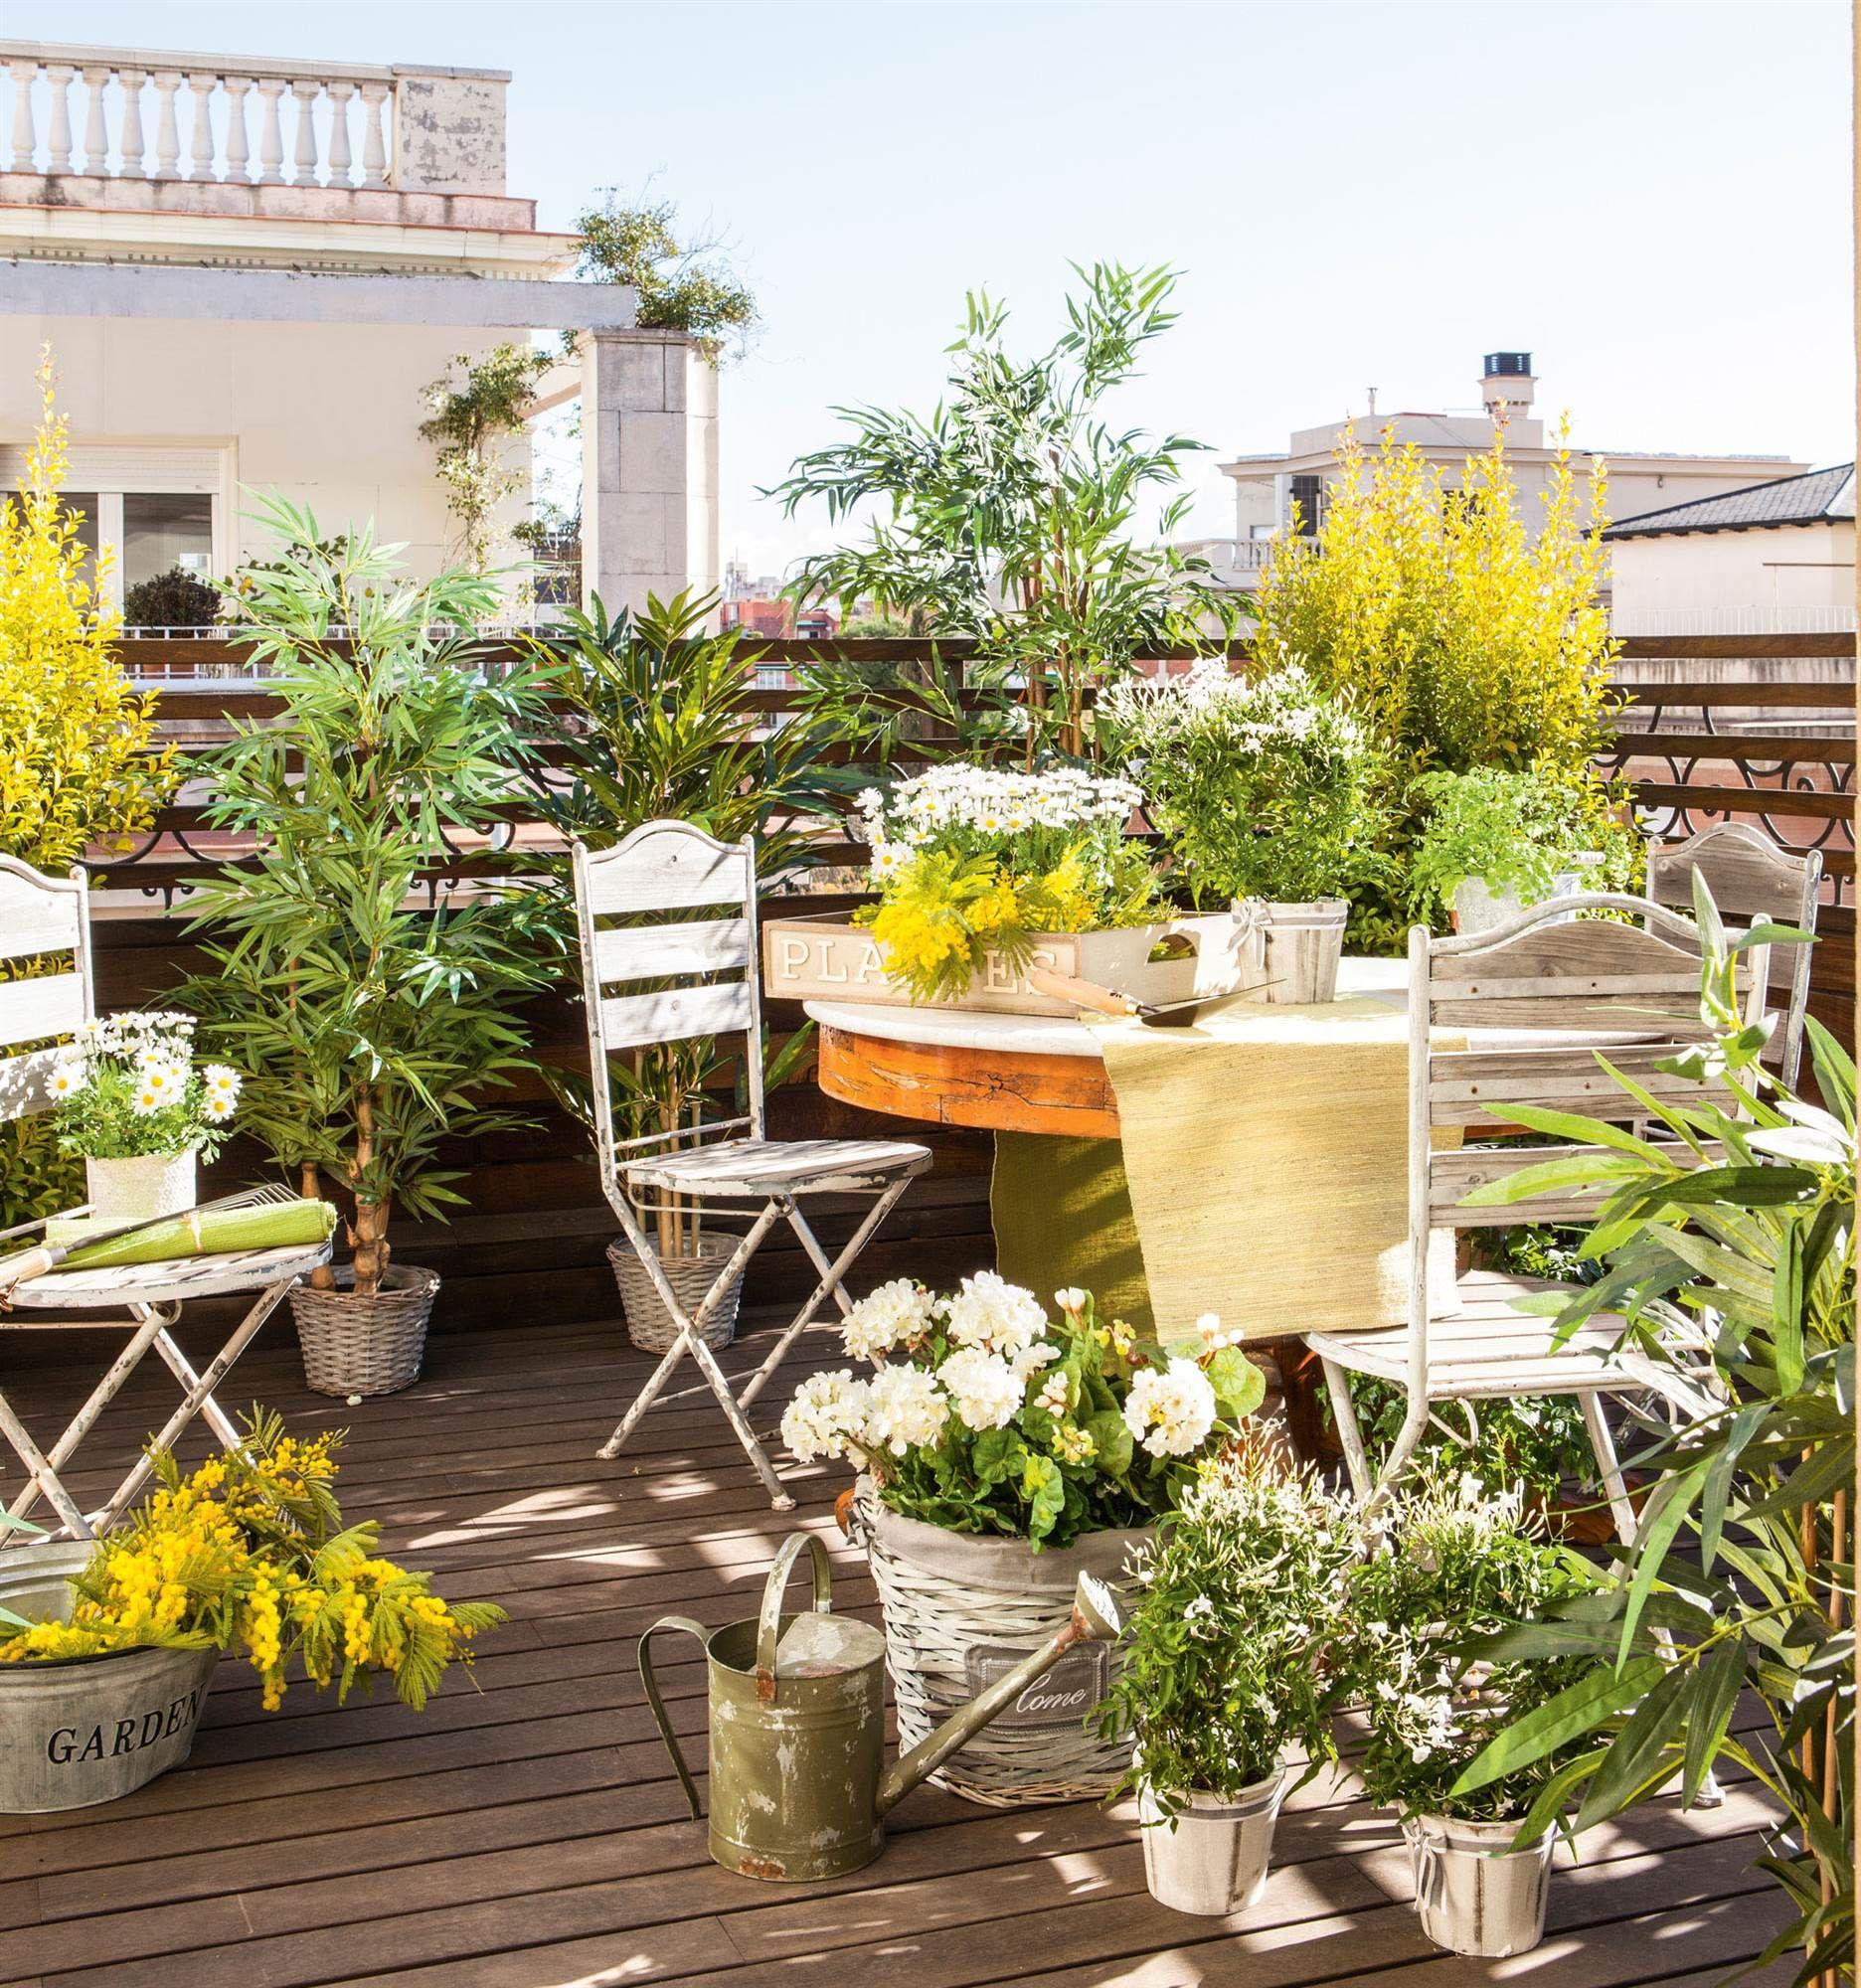 terraza con plantas aromaticas y muebles metalicos_00381003